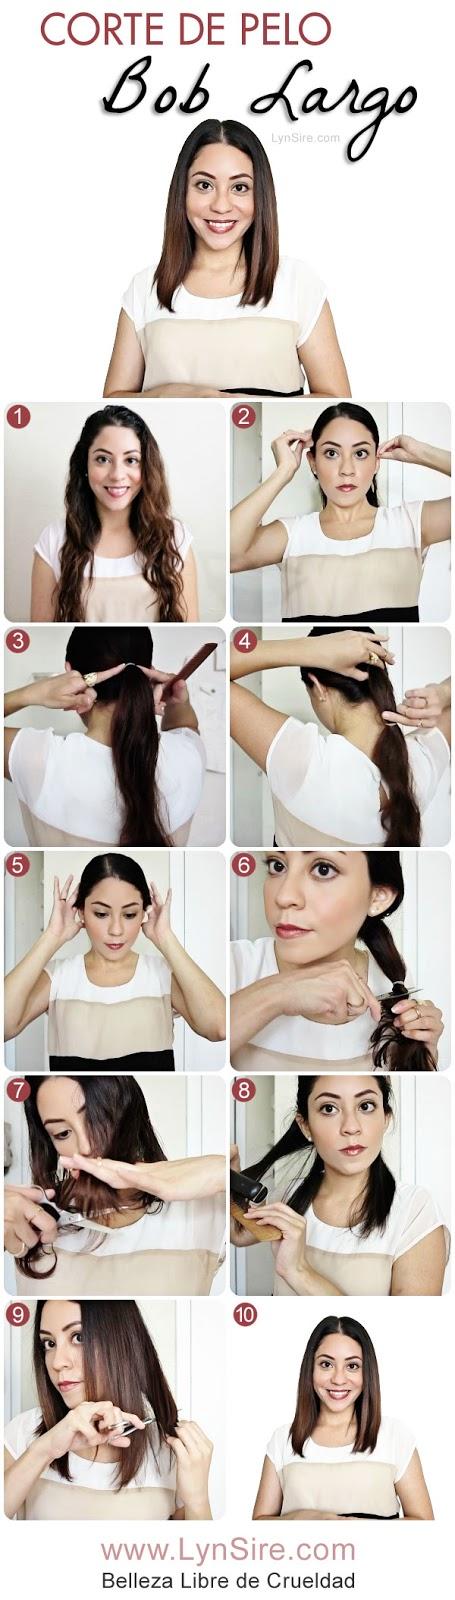 Corte de Pelo Bob Largo Tutorial! Cómo cortarse el cabello uno mismo - LynSire.com | Belleza Libre de Crueldad